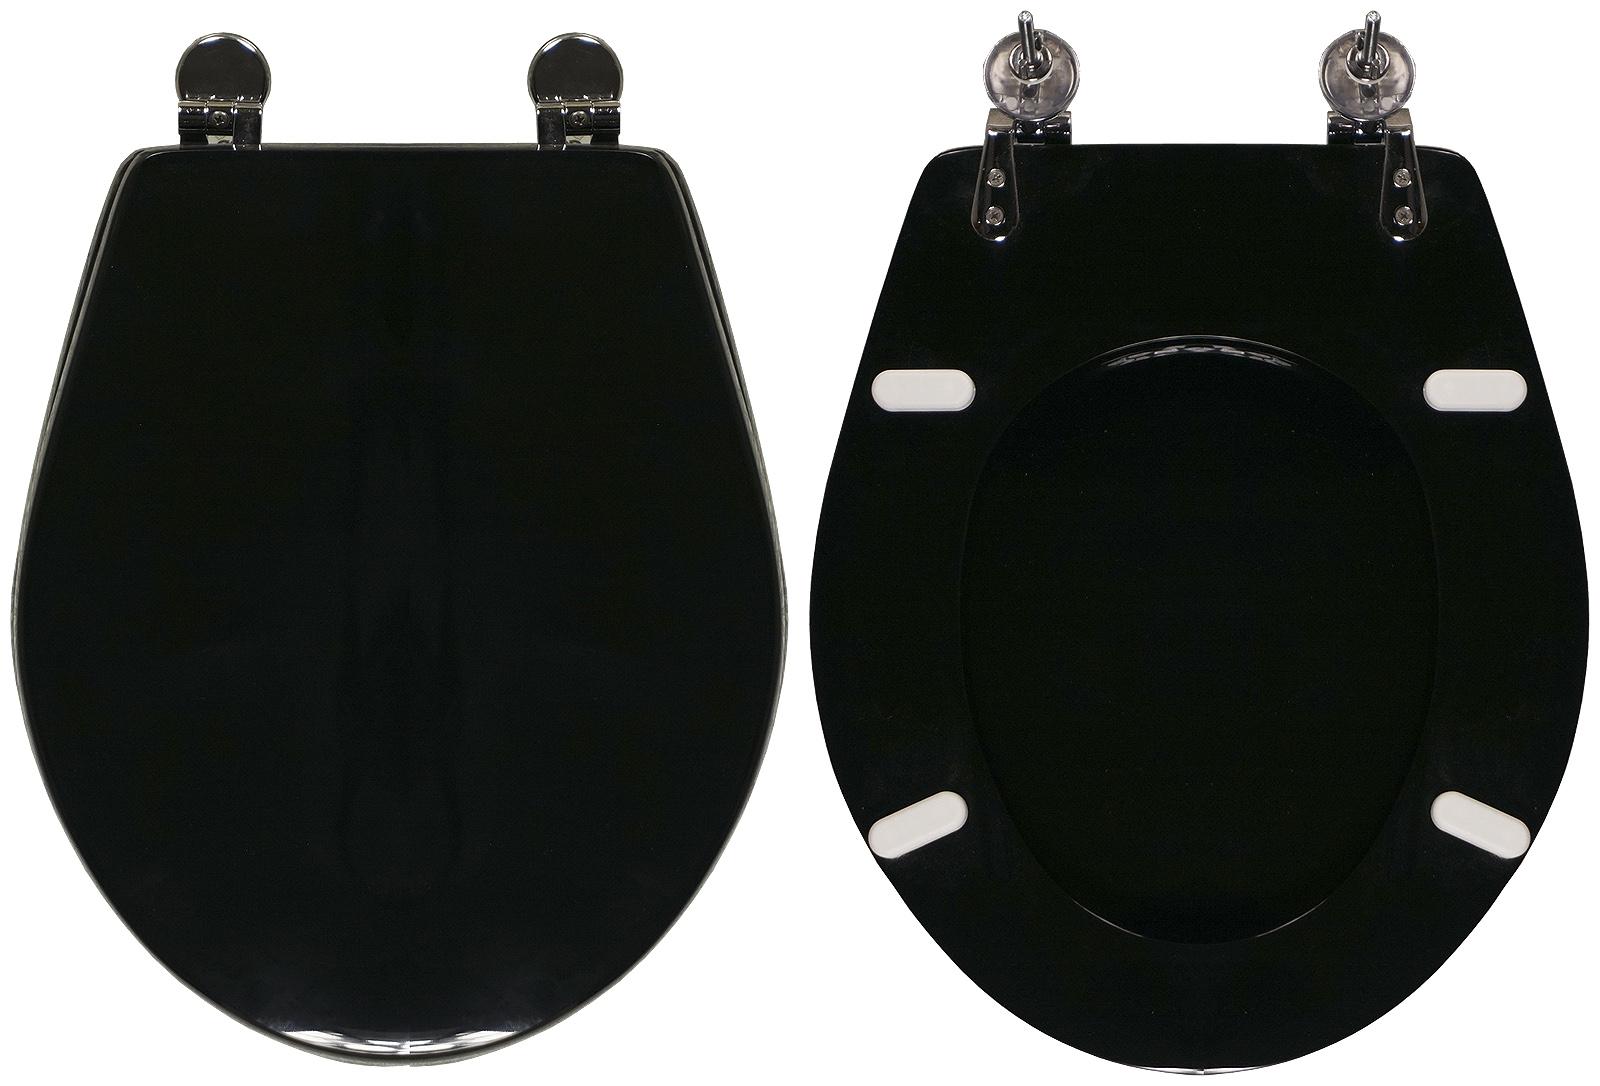 Sedili Wc Dolomite : Copriwater per wc quarzo dolomite nero ricambio dedicato legno